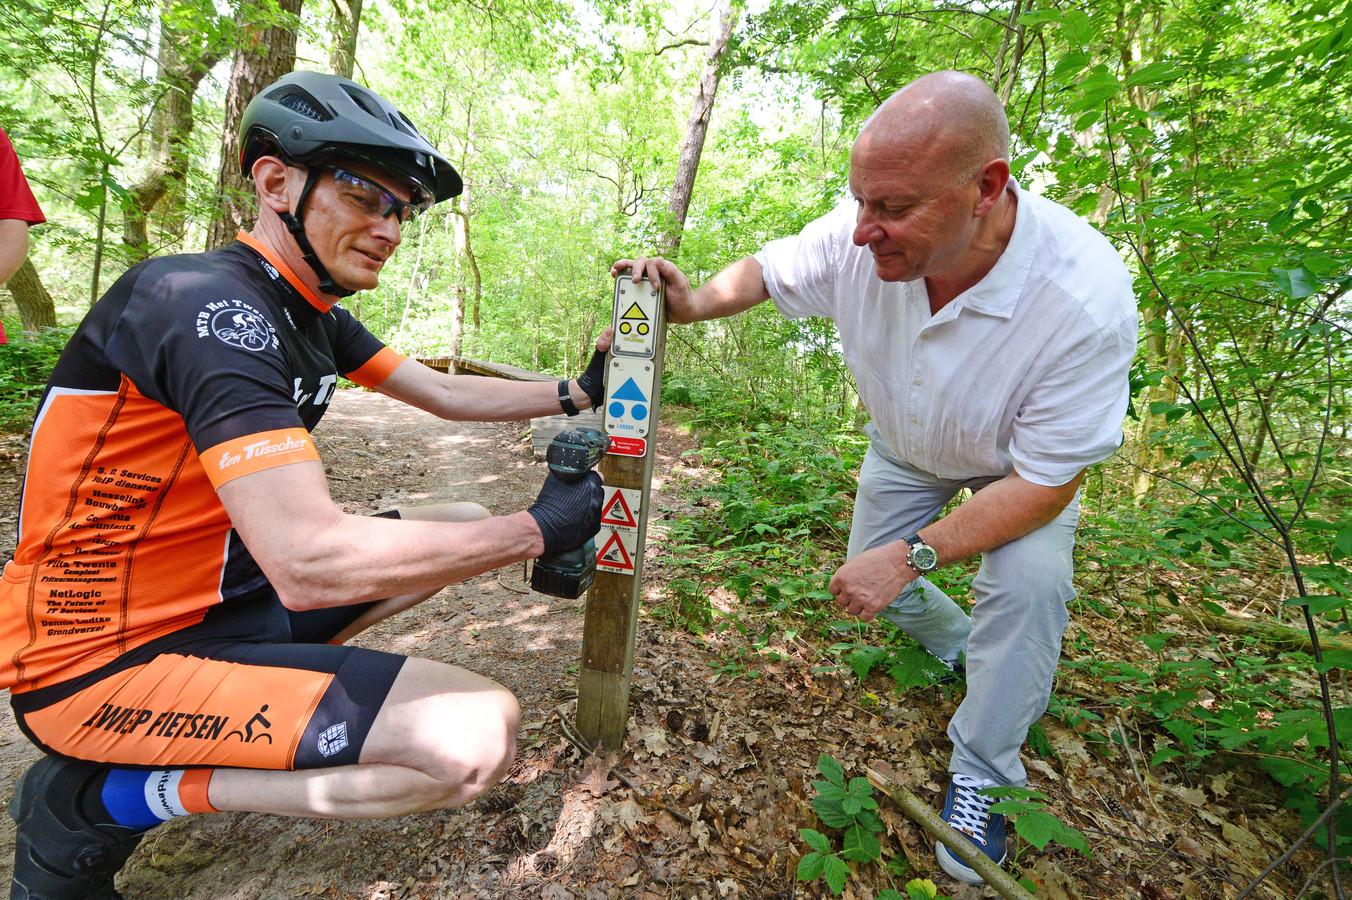 De Mountainbikeroute Het Hulsbeek heeft als eerste in Nederland de nieuwe borden gekregen, die sporters vertellen hoe zwaar en gevaarlijk het parcours is. Wethouder Benno Branden Peter Wolters van het Twentse Ros bevestigen de signaleringen.